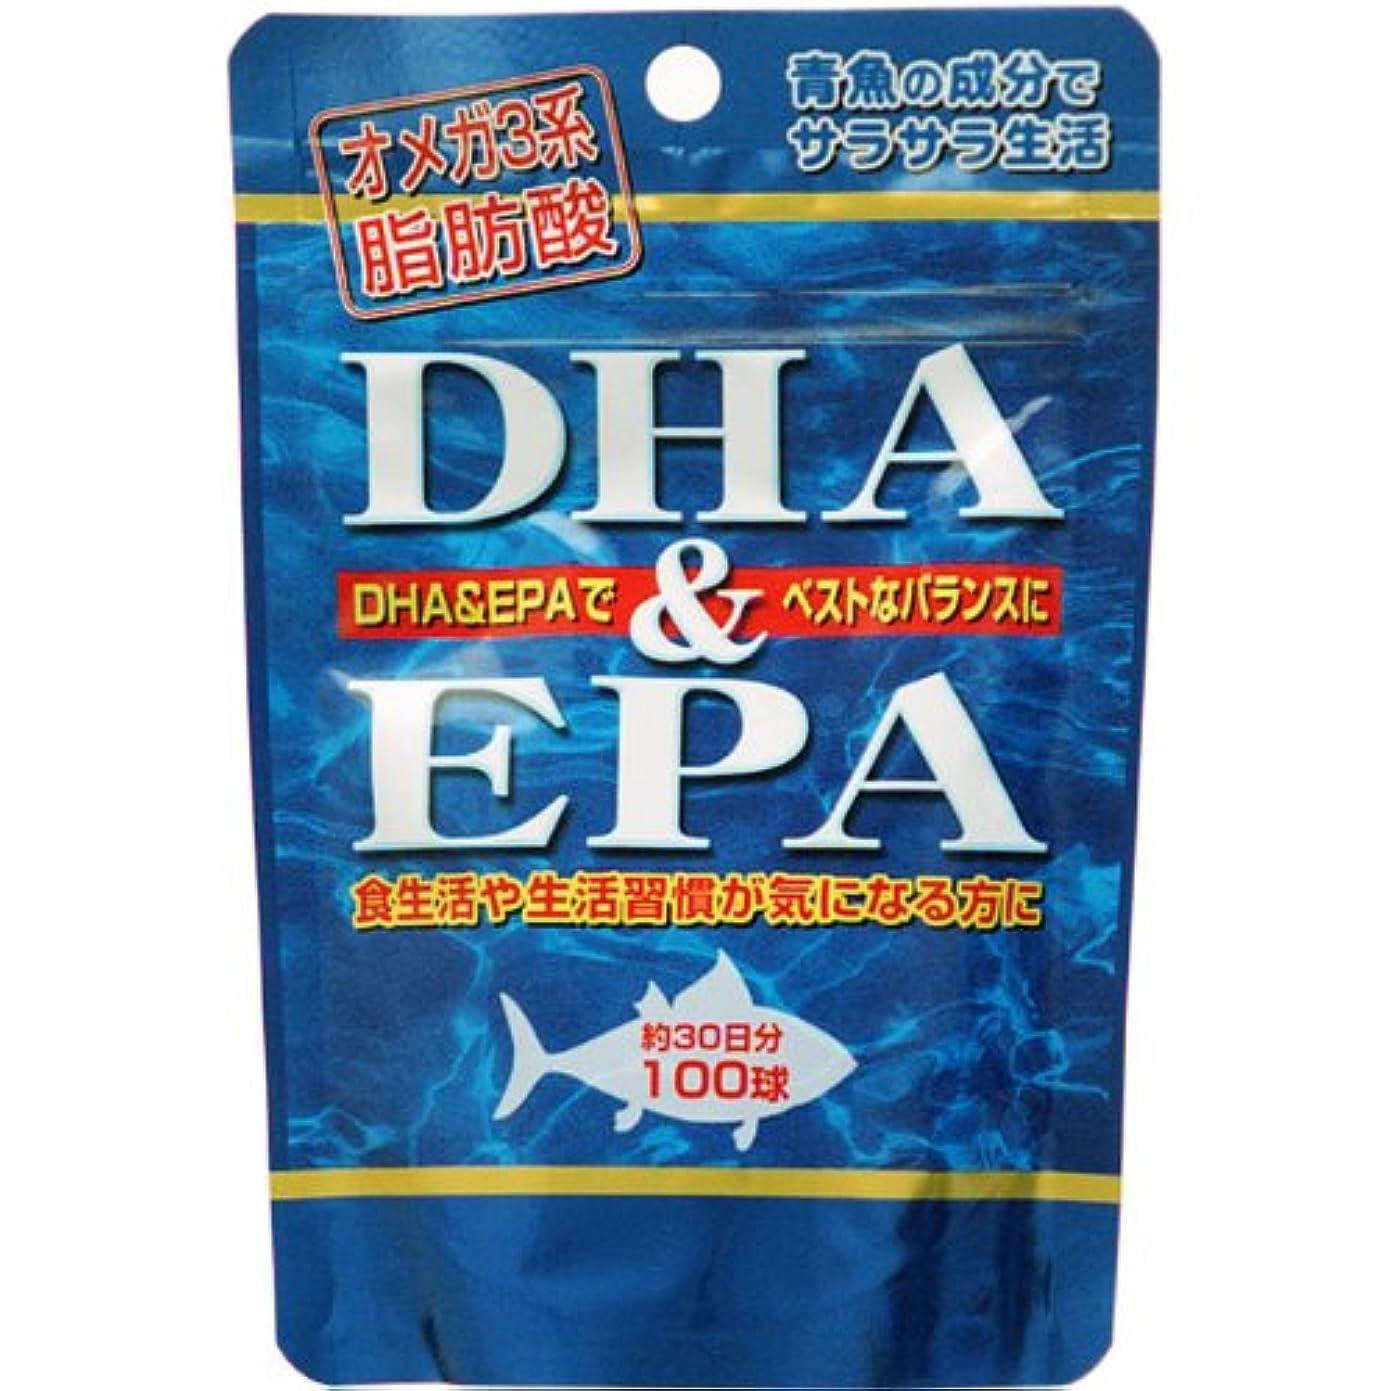 低下パトロールスポーツの試合を担当している人DHA(ドコサヘキサエン酸)&EPA(エイコサペンタエン酸)